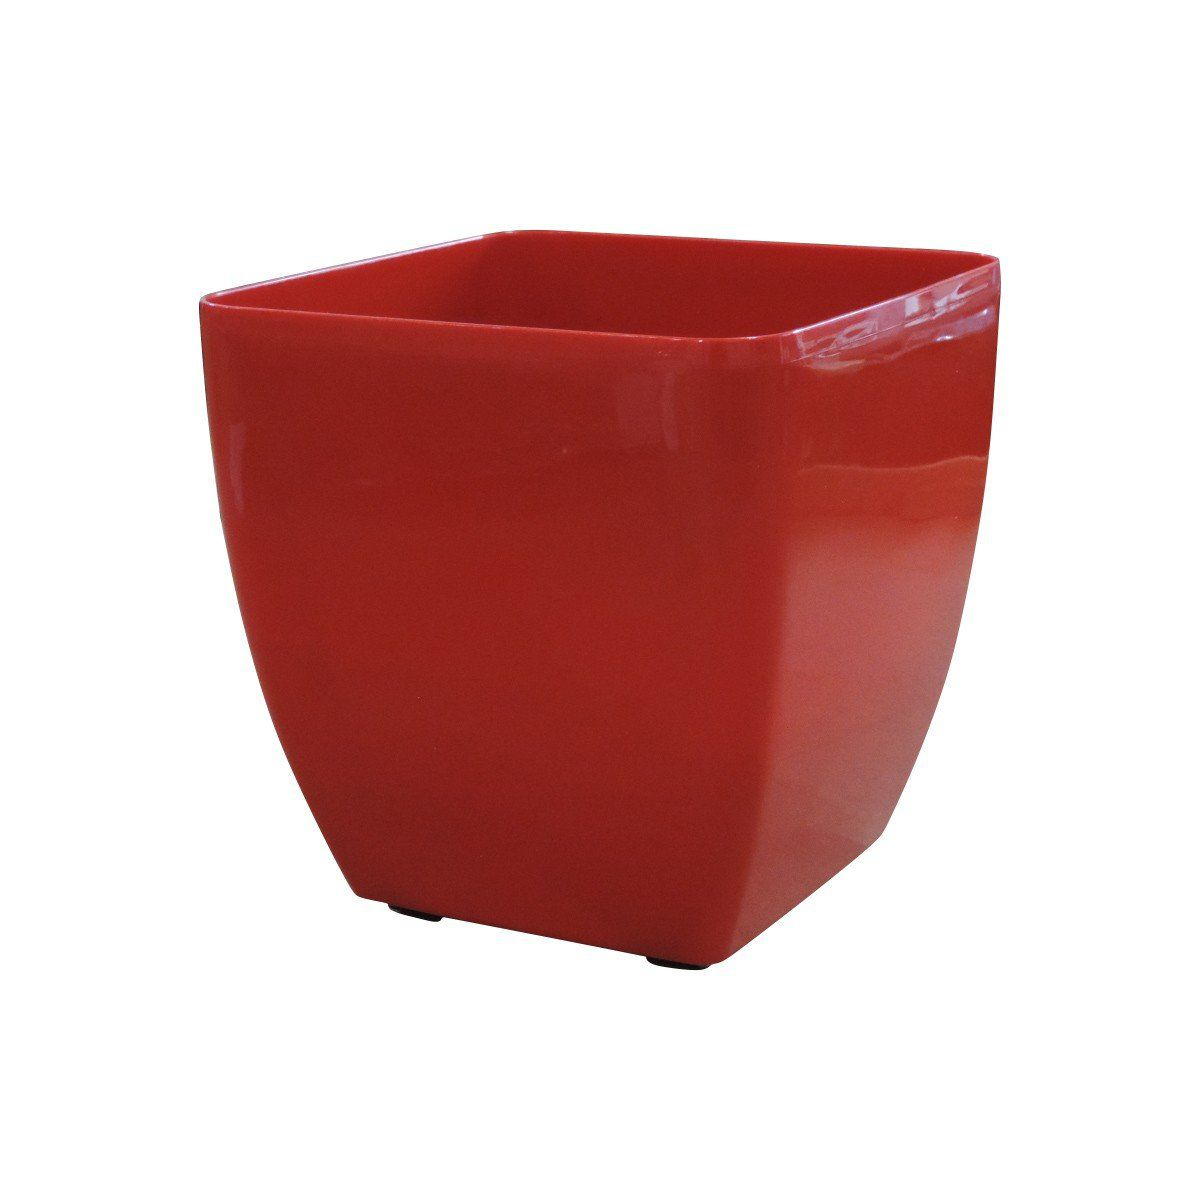 Vaso Quadrado Oxford Autoirrigável 30cm x 30cm com Rodinhas Vermelho